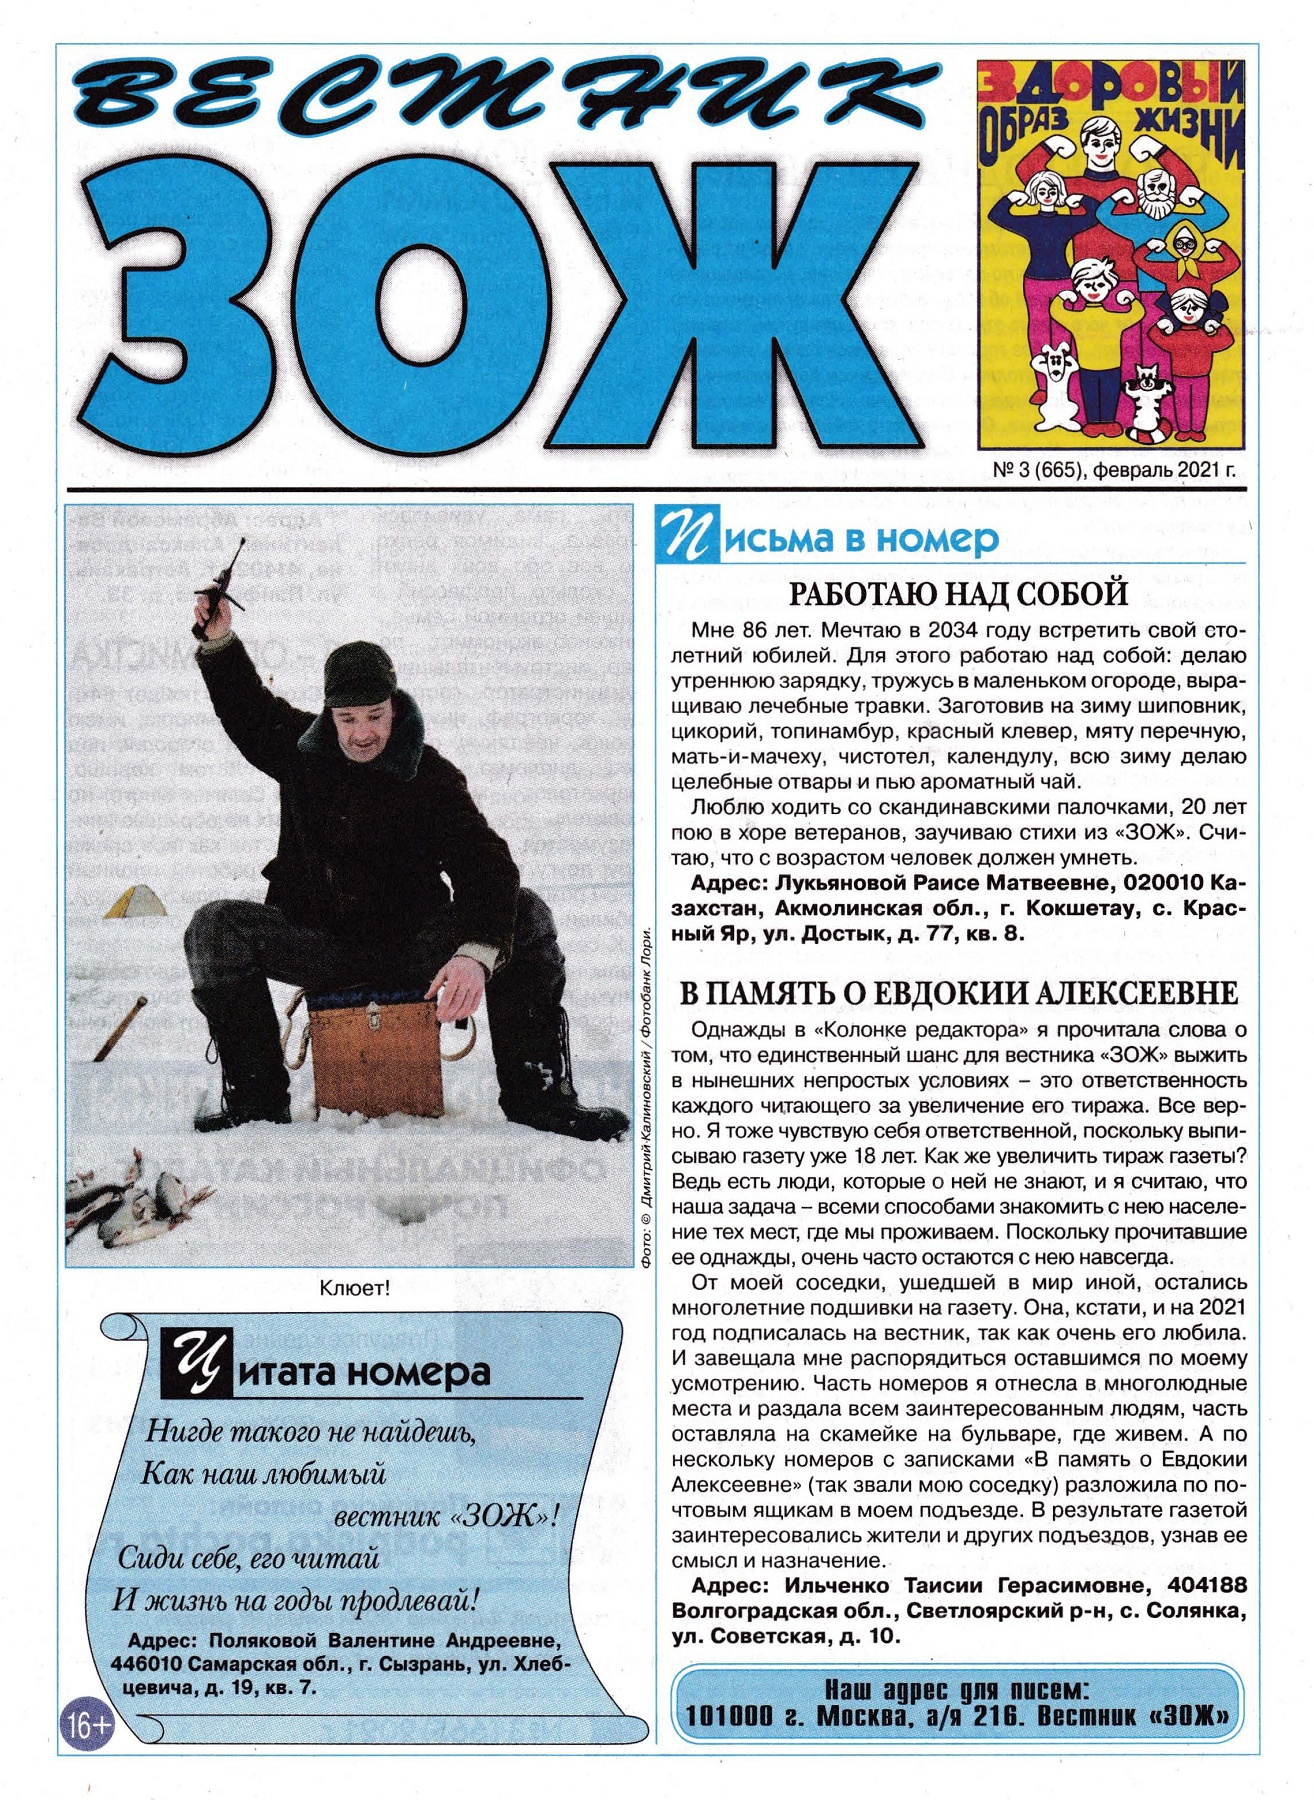 Вестник ЗОЖ №3, февраль 2021